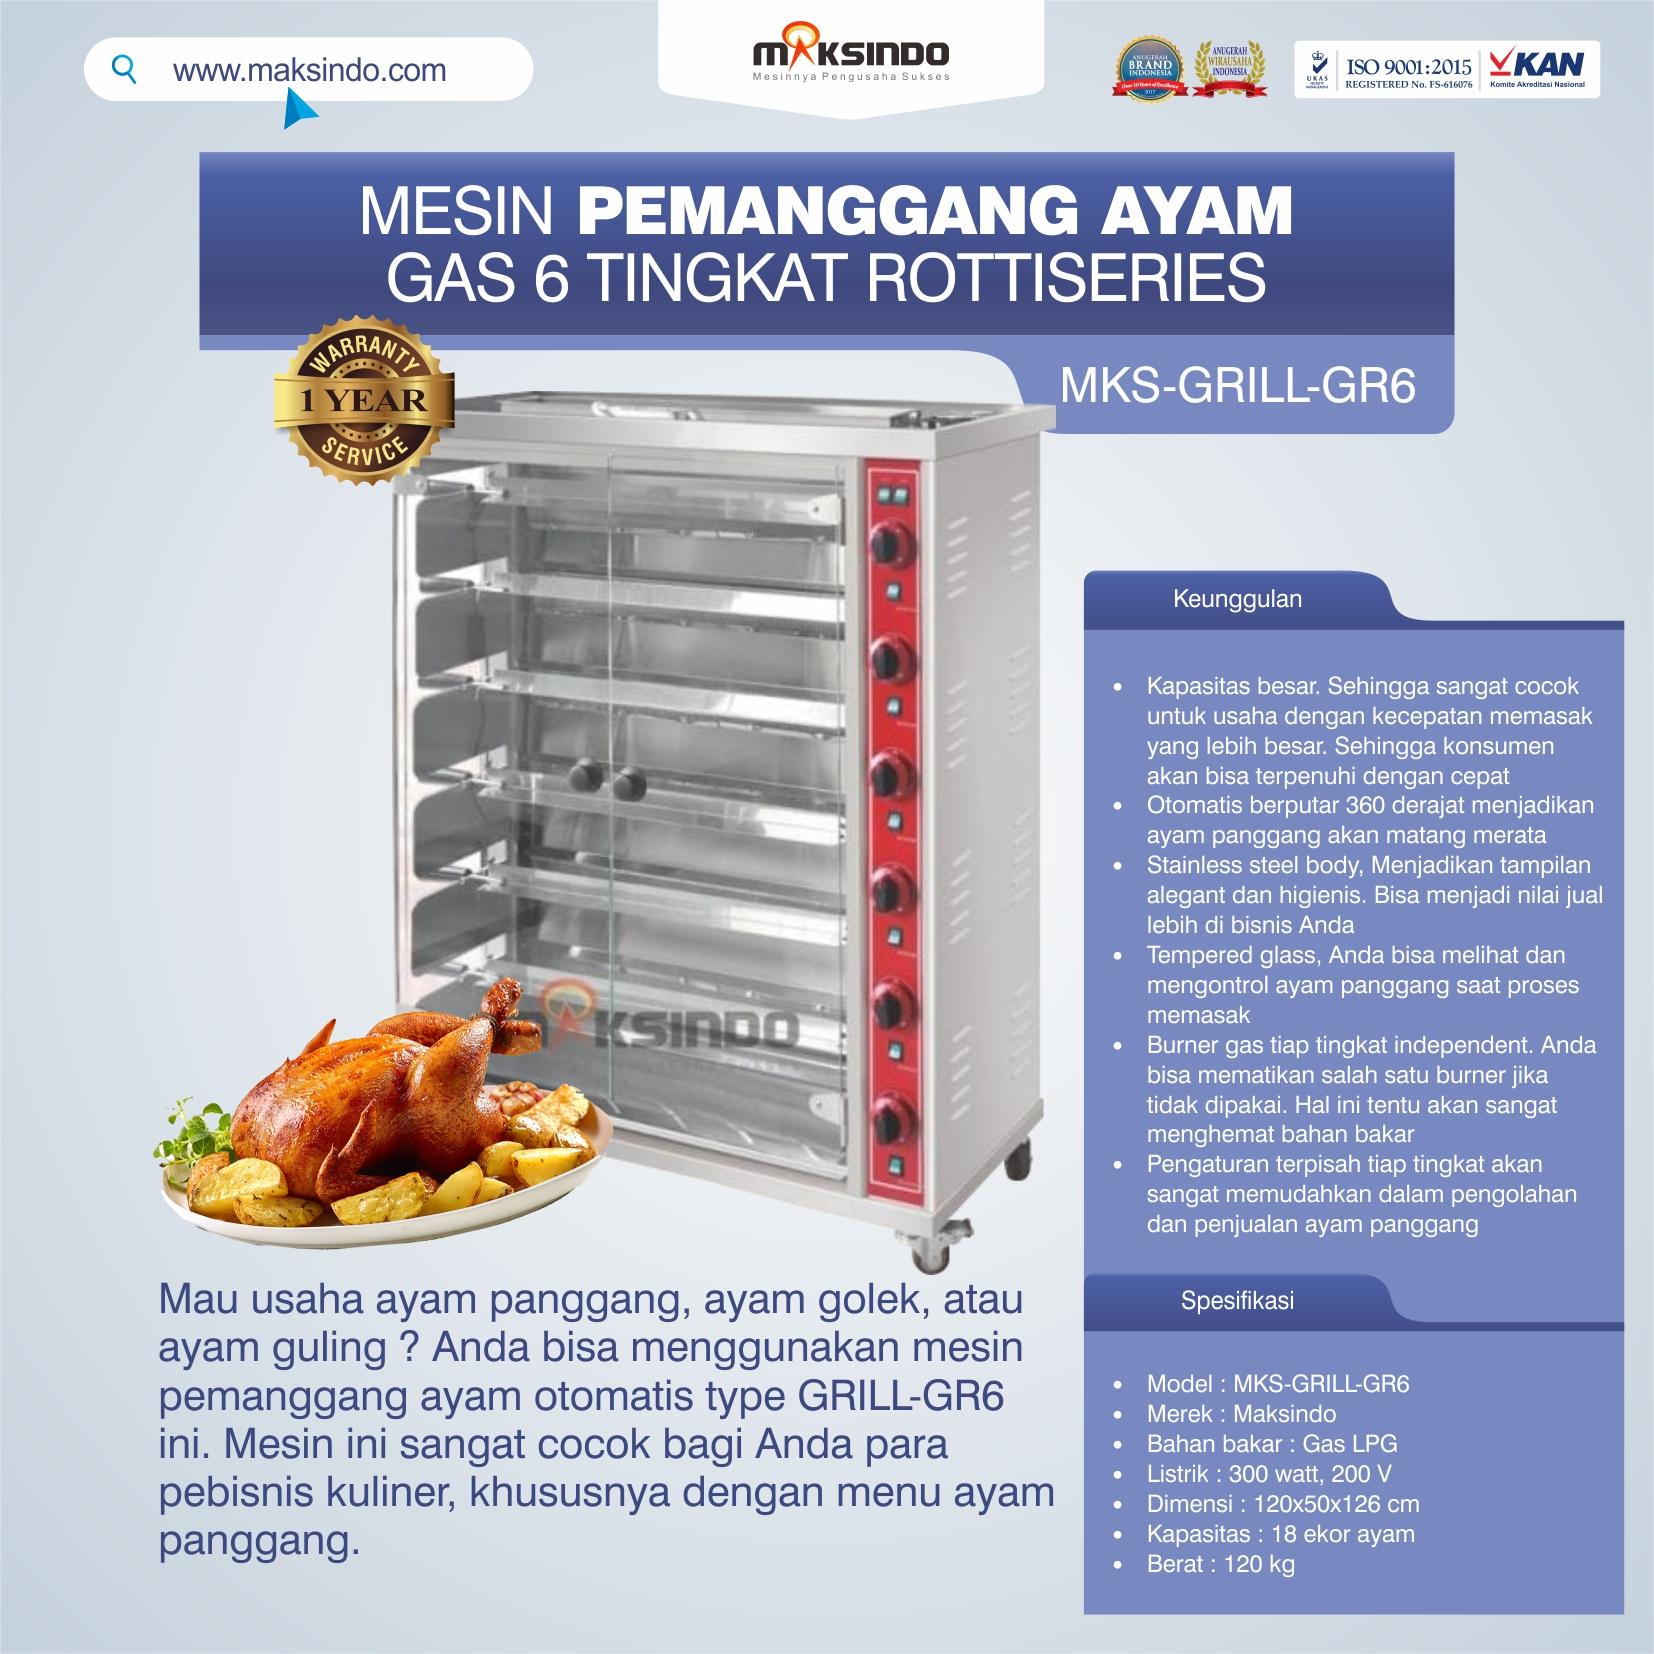 Jual Mesin Pemanggang Ayam Gas 6 Tingkat Rottiseries (GRILL-GR6) di Bekasi